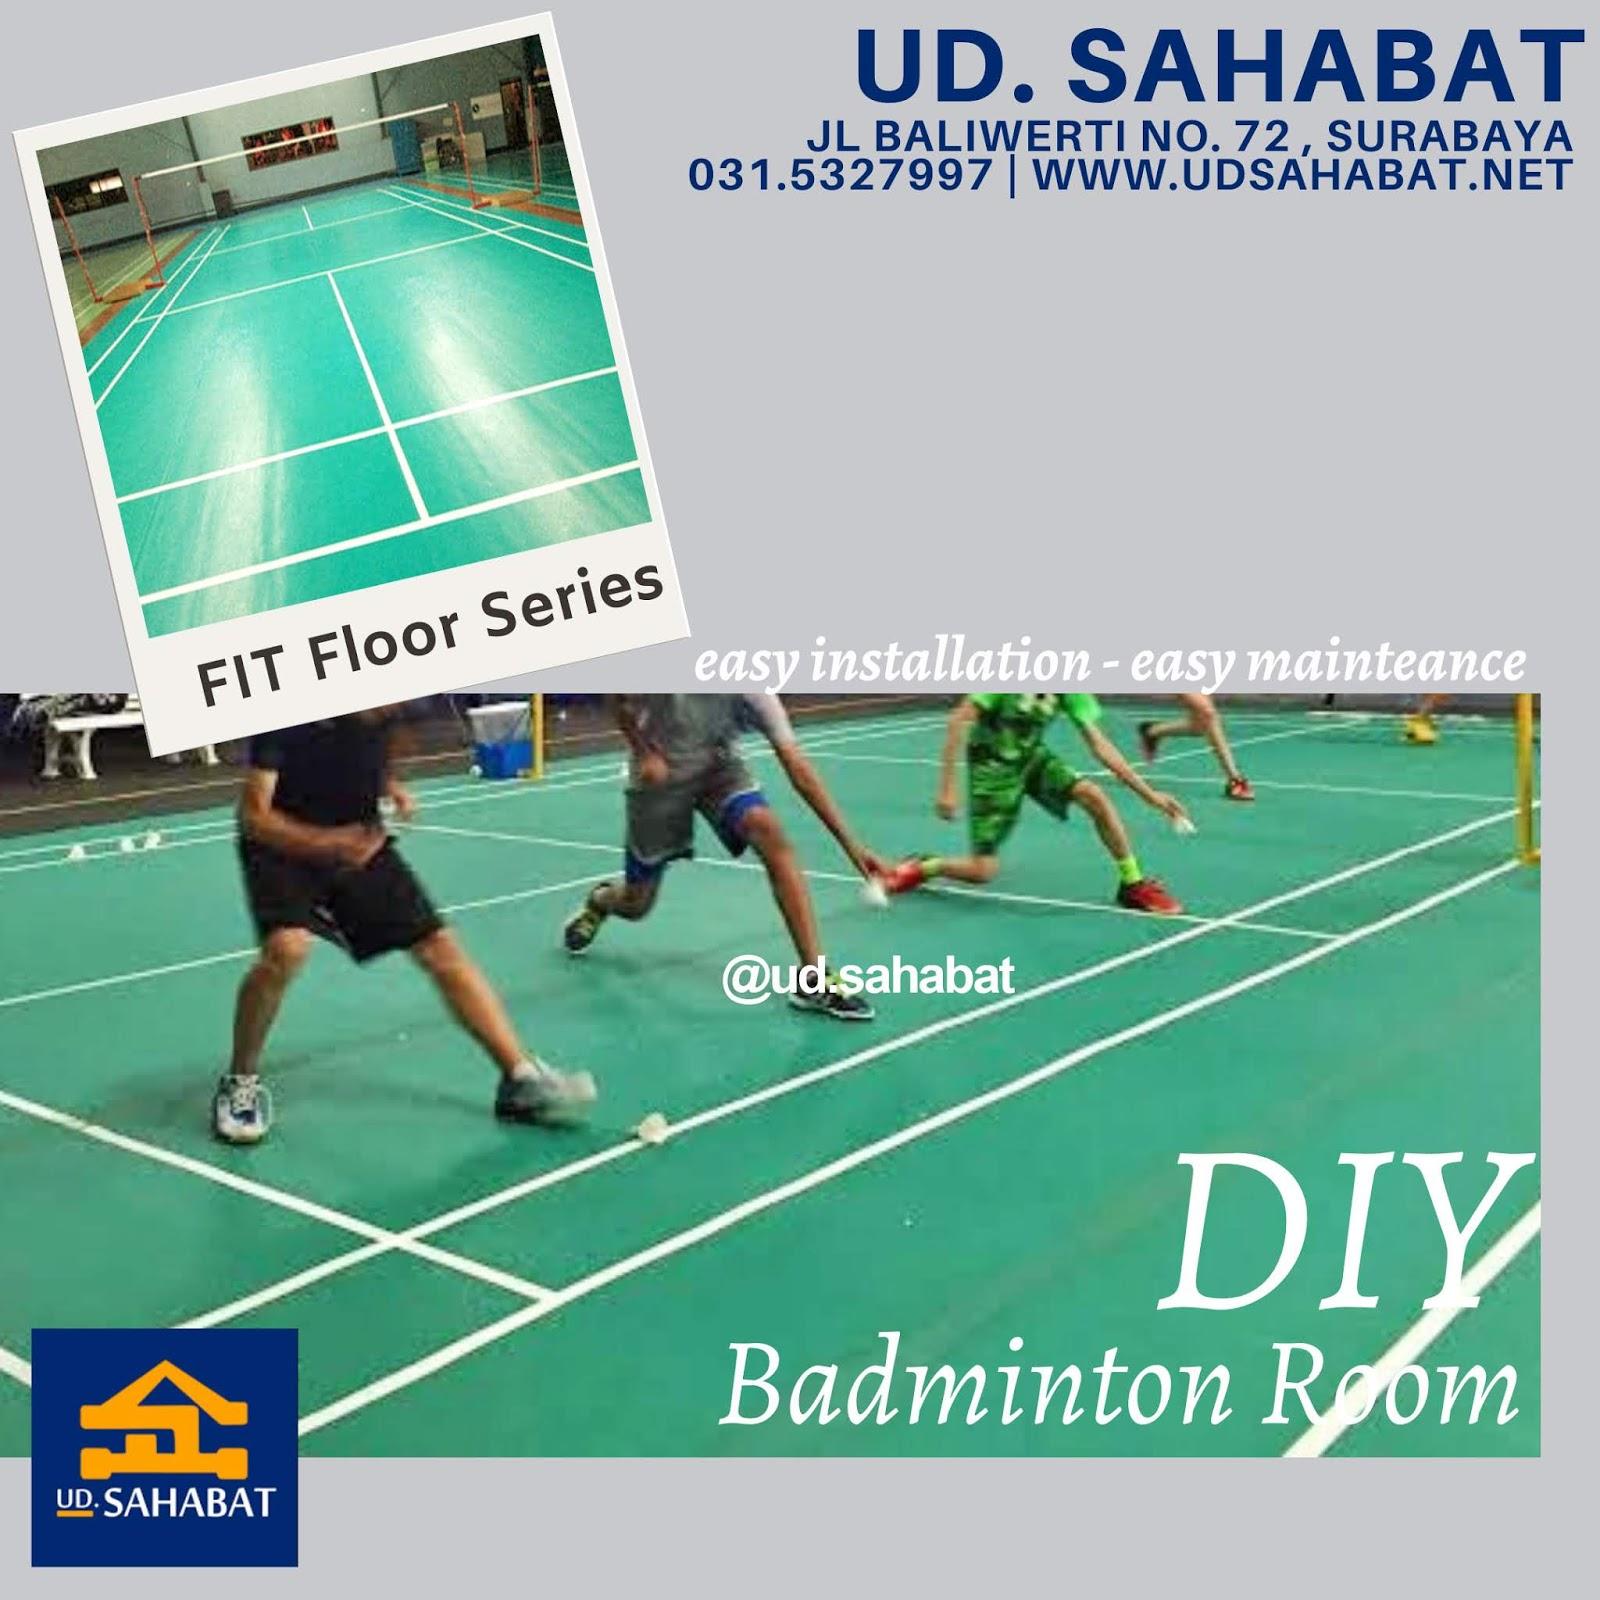 jual karet lantai lapangan badminton ud sahabat baliwerti surabaya